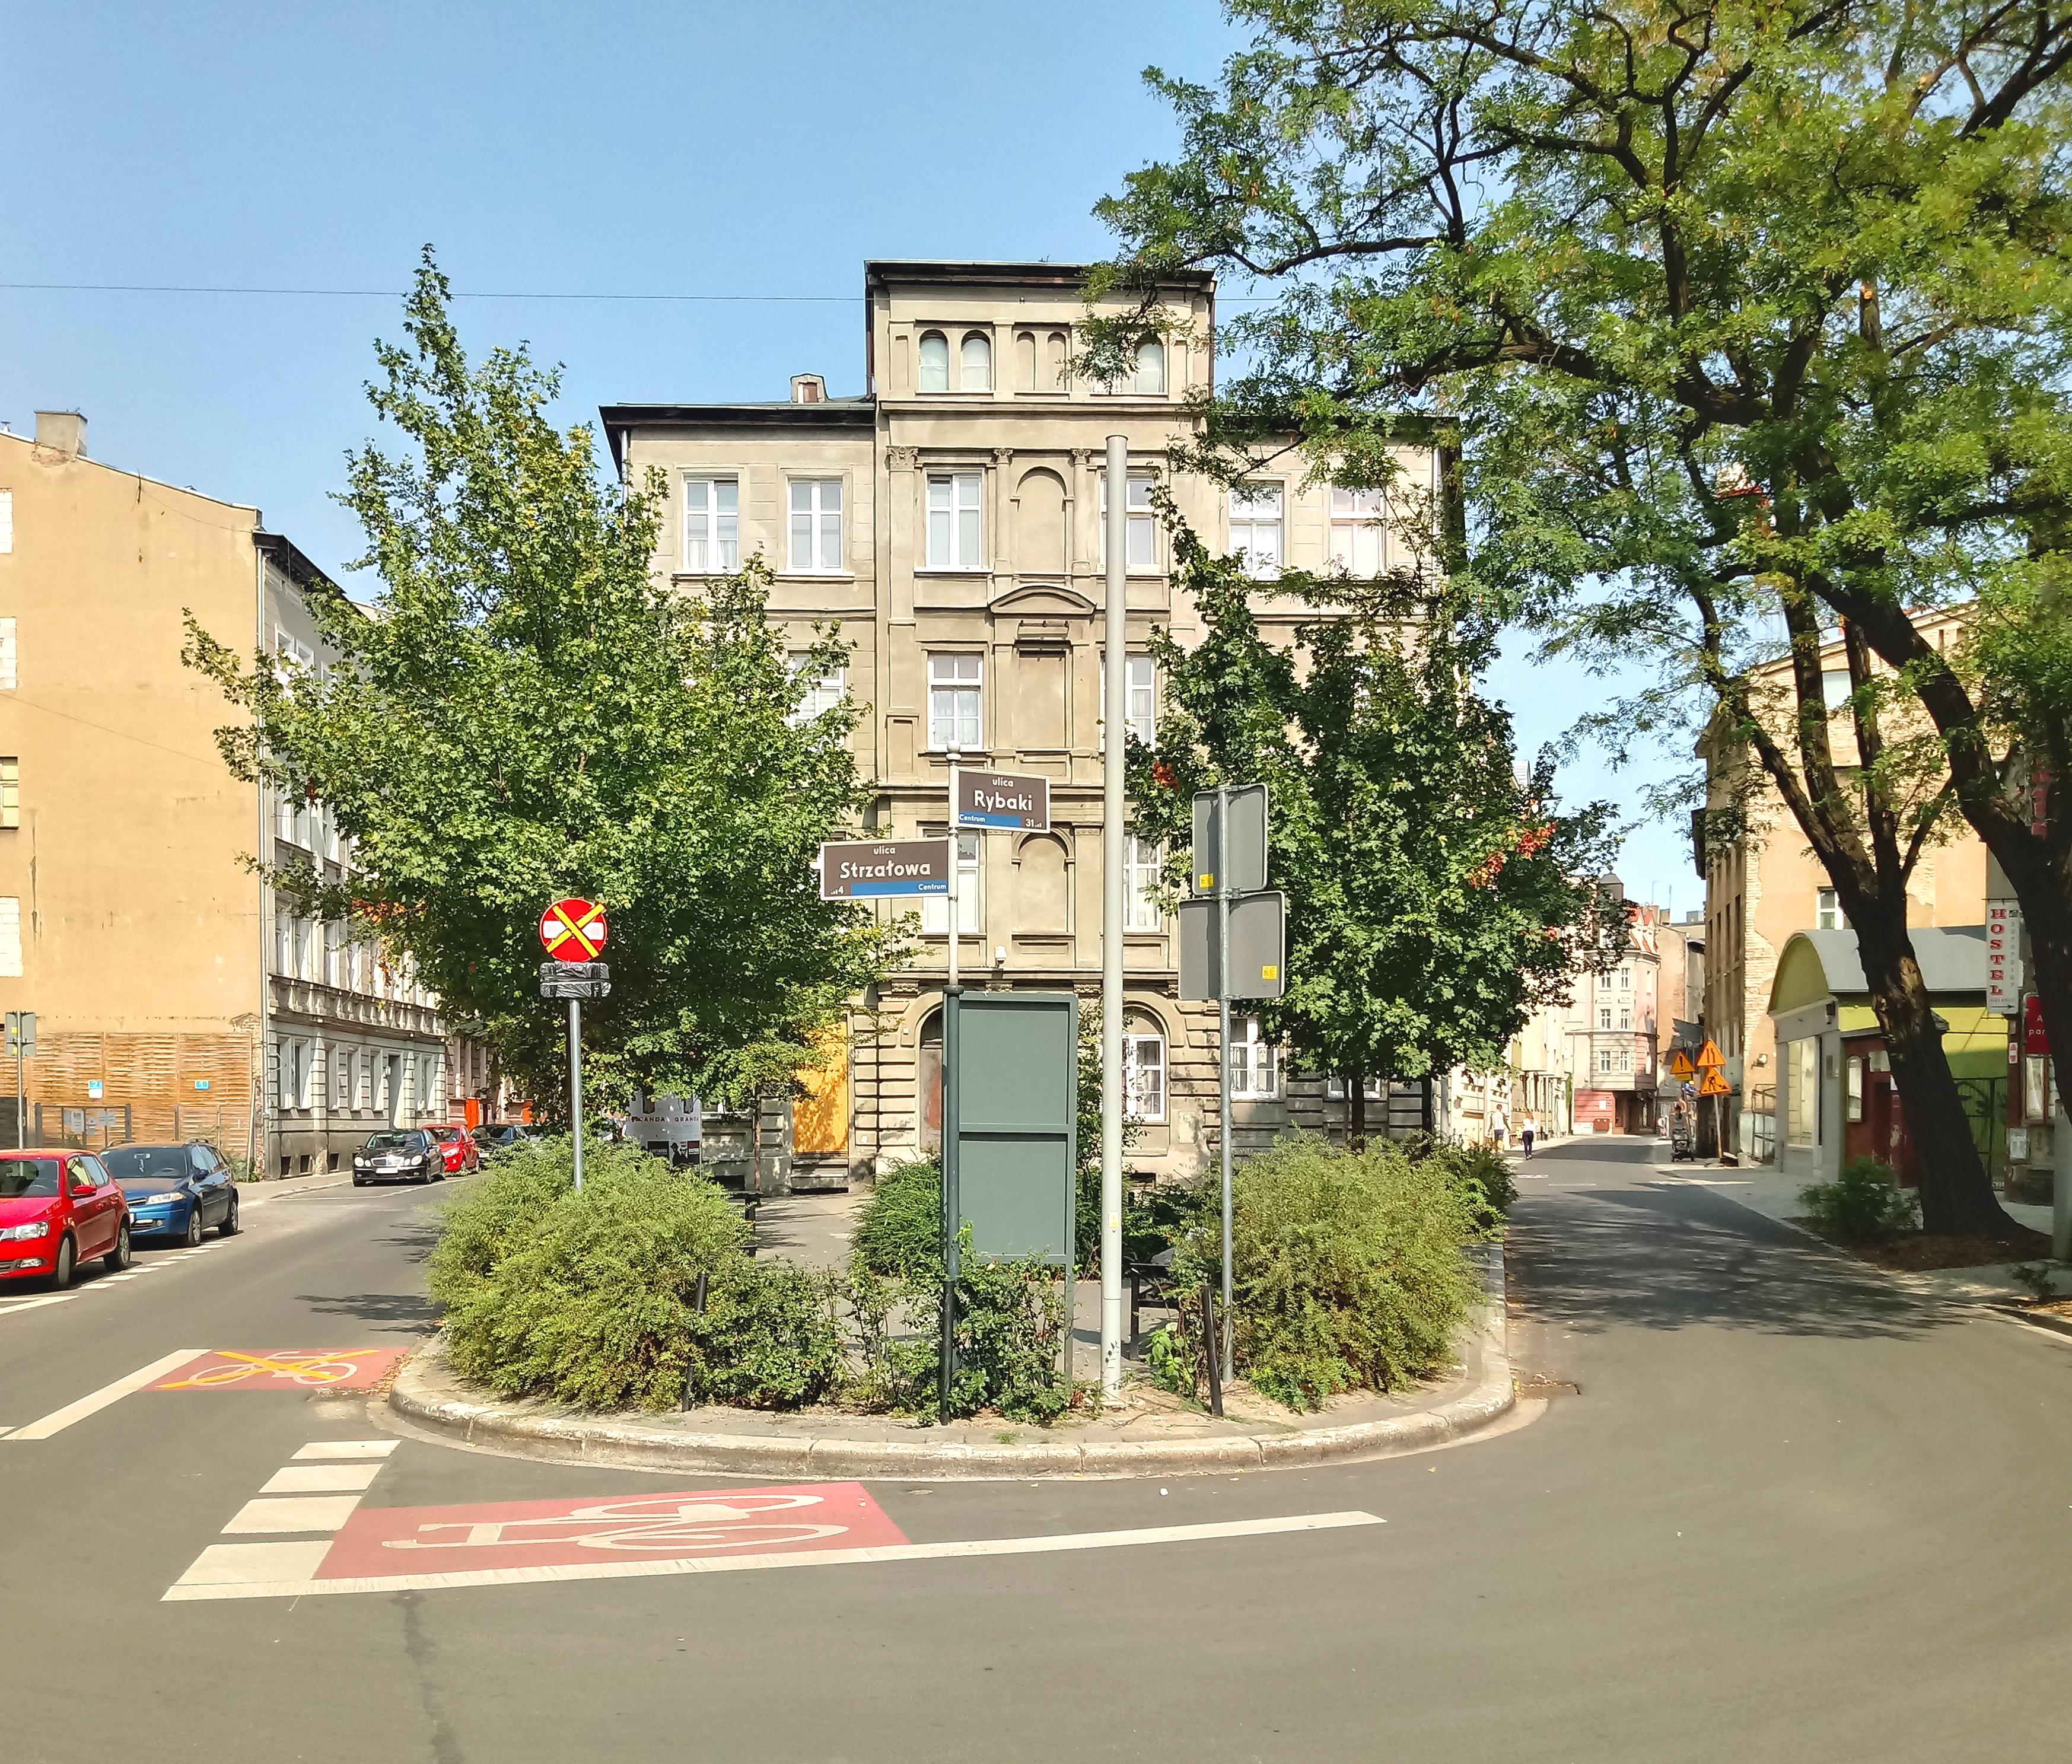 Rowerzyści wskazują błędy projektowe ulicy Rybaki